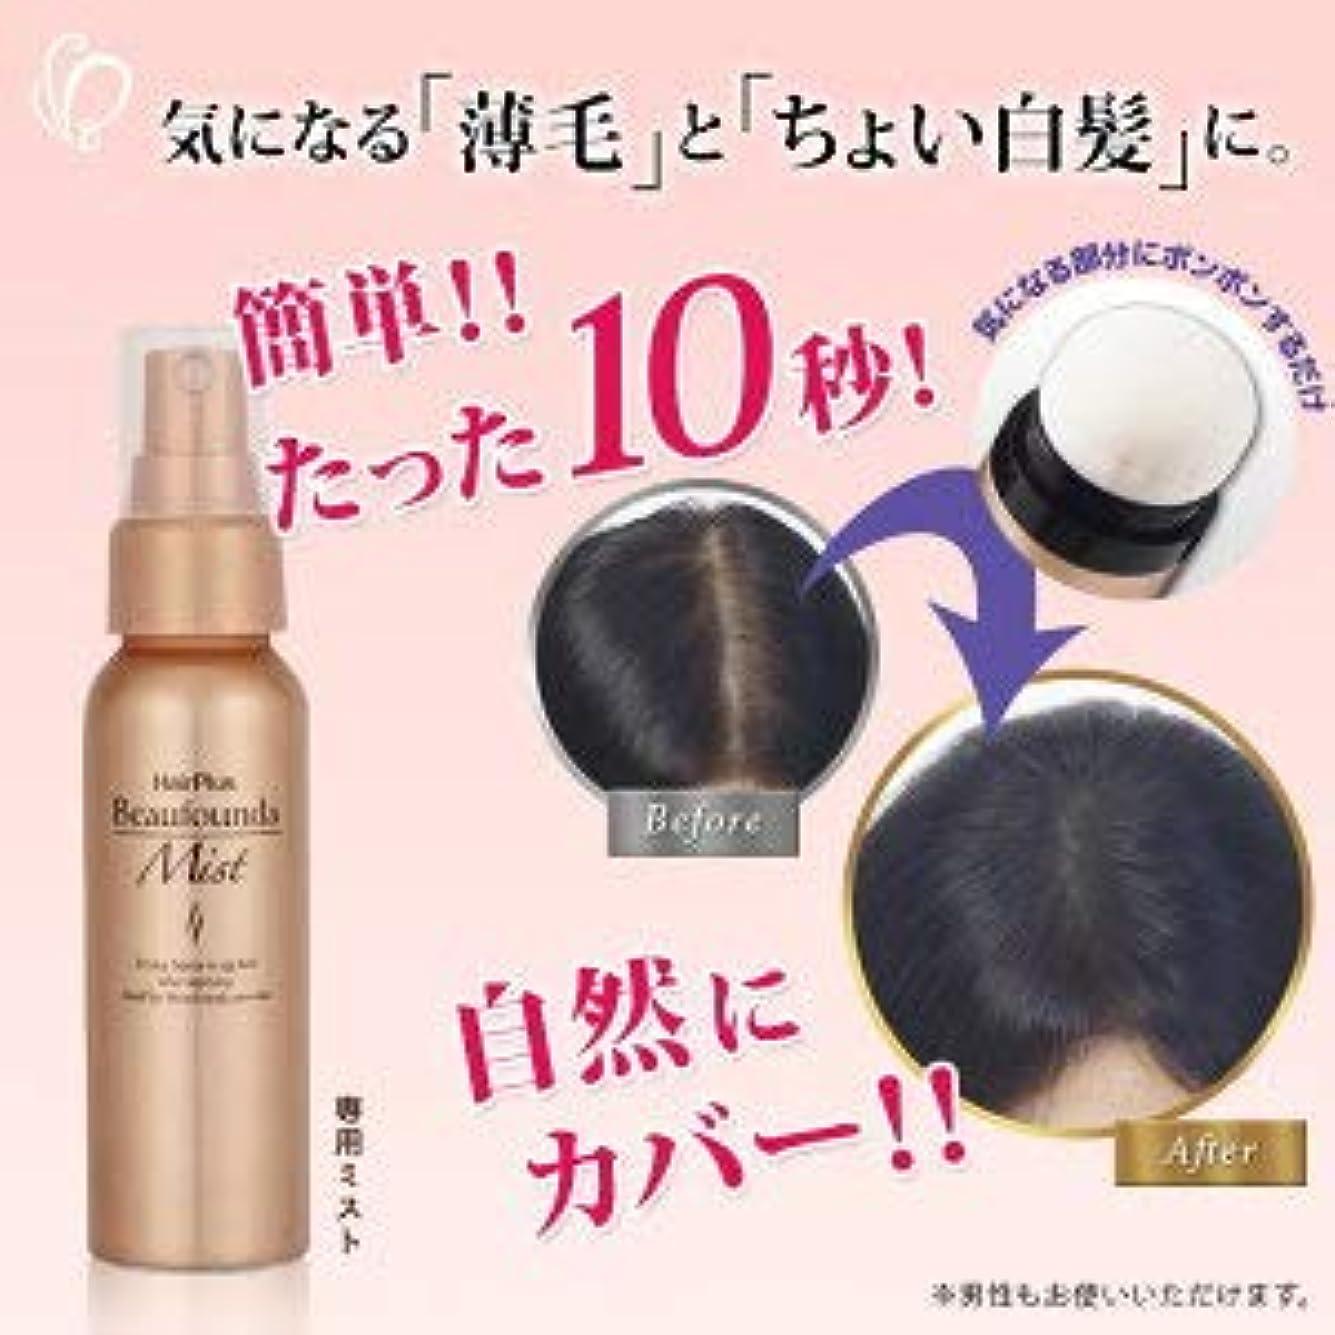 インタフェーススピン過度に女性用増毛パウダー ヘアプラス ビューファンデ ミスト 定着スプレー 薄毛隠し 白髪隠し